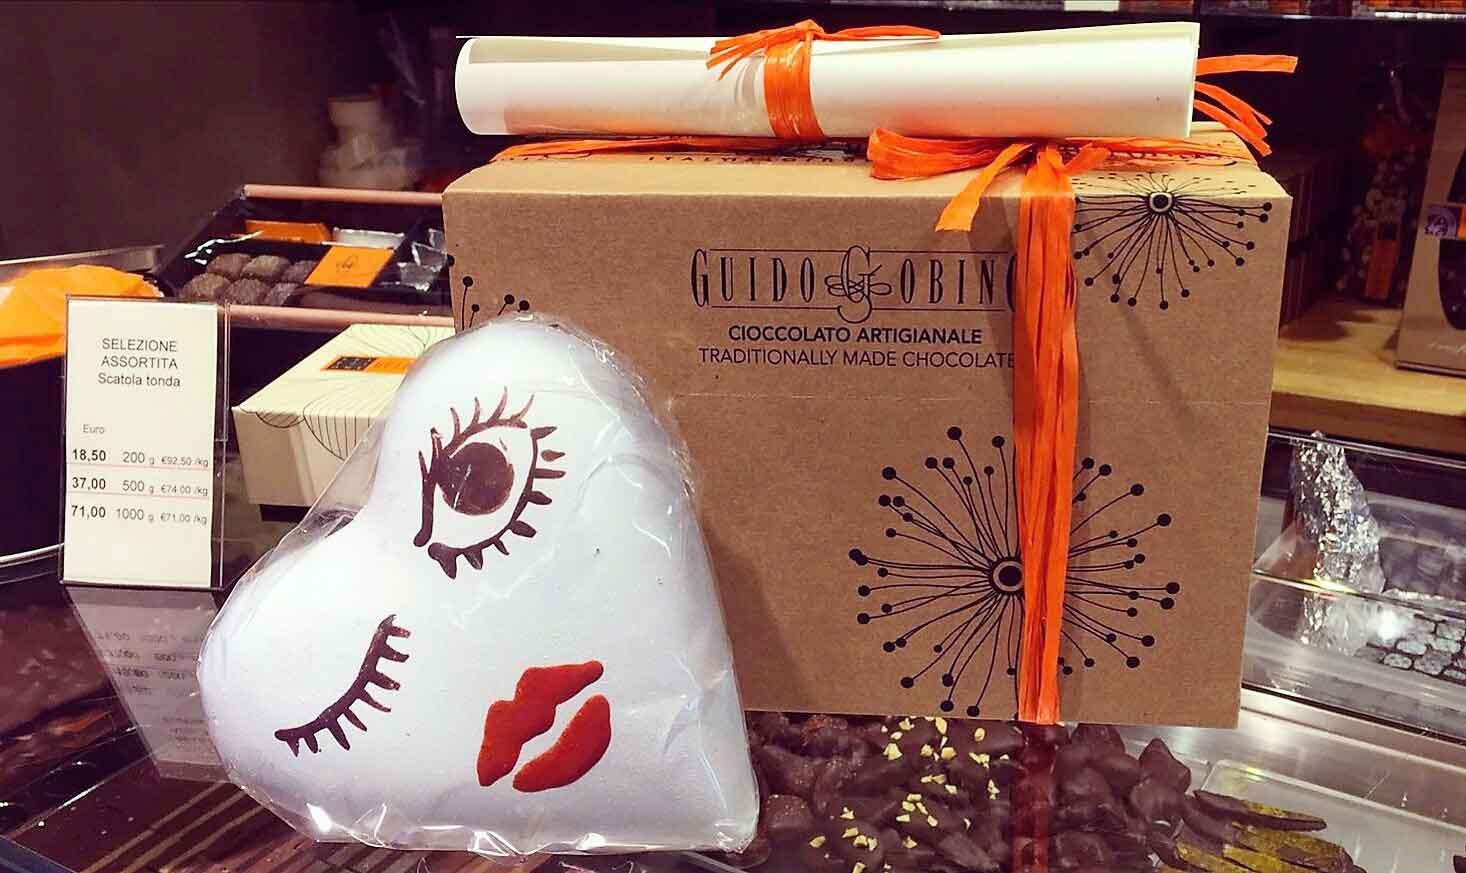 regali San Valentino cuori Guido Gobino